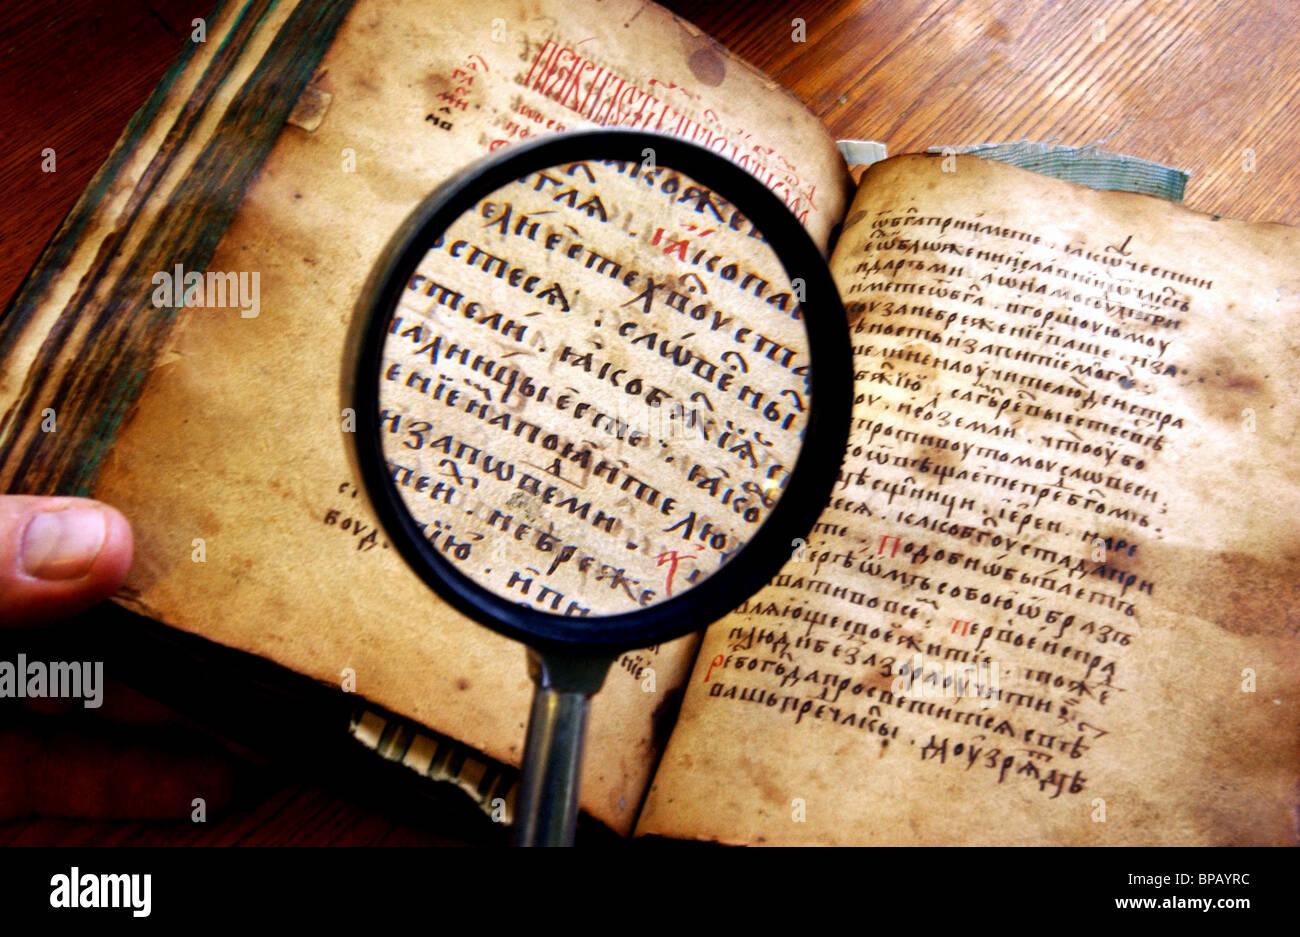 Ancien manuscrit russe daté à partir de la 14-15e siècles n'a été trouvée dans Photo Stock